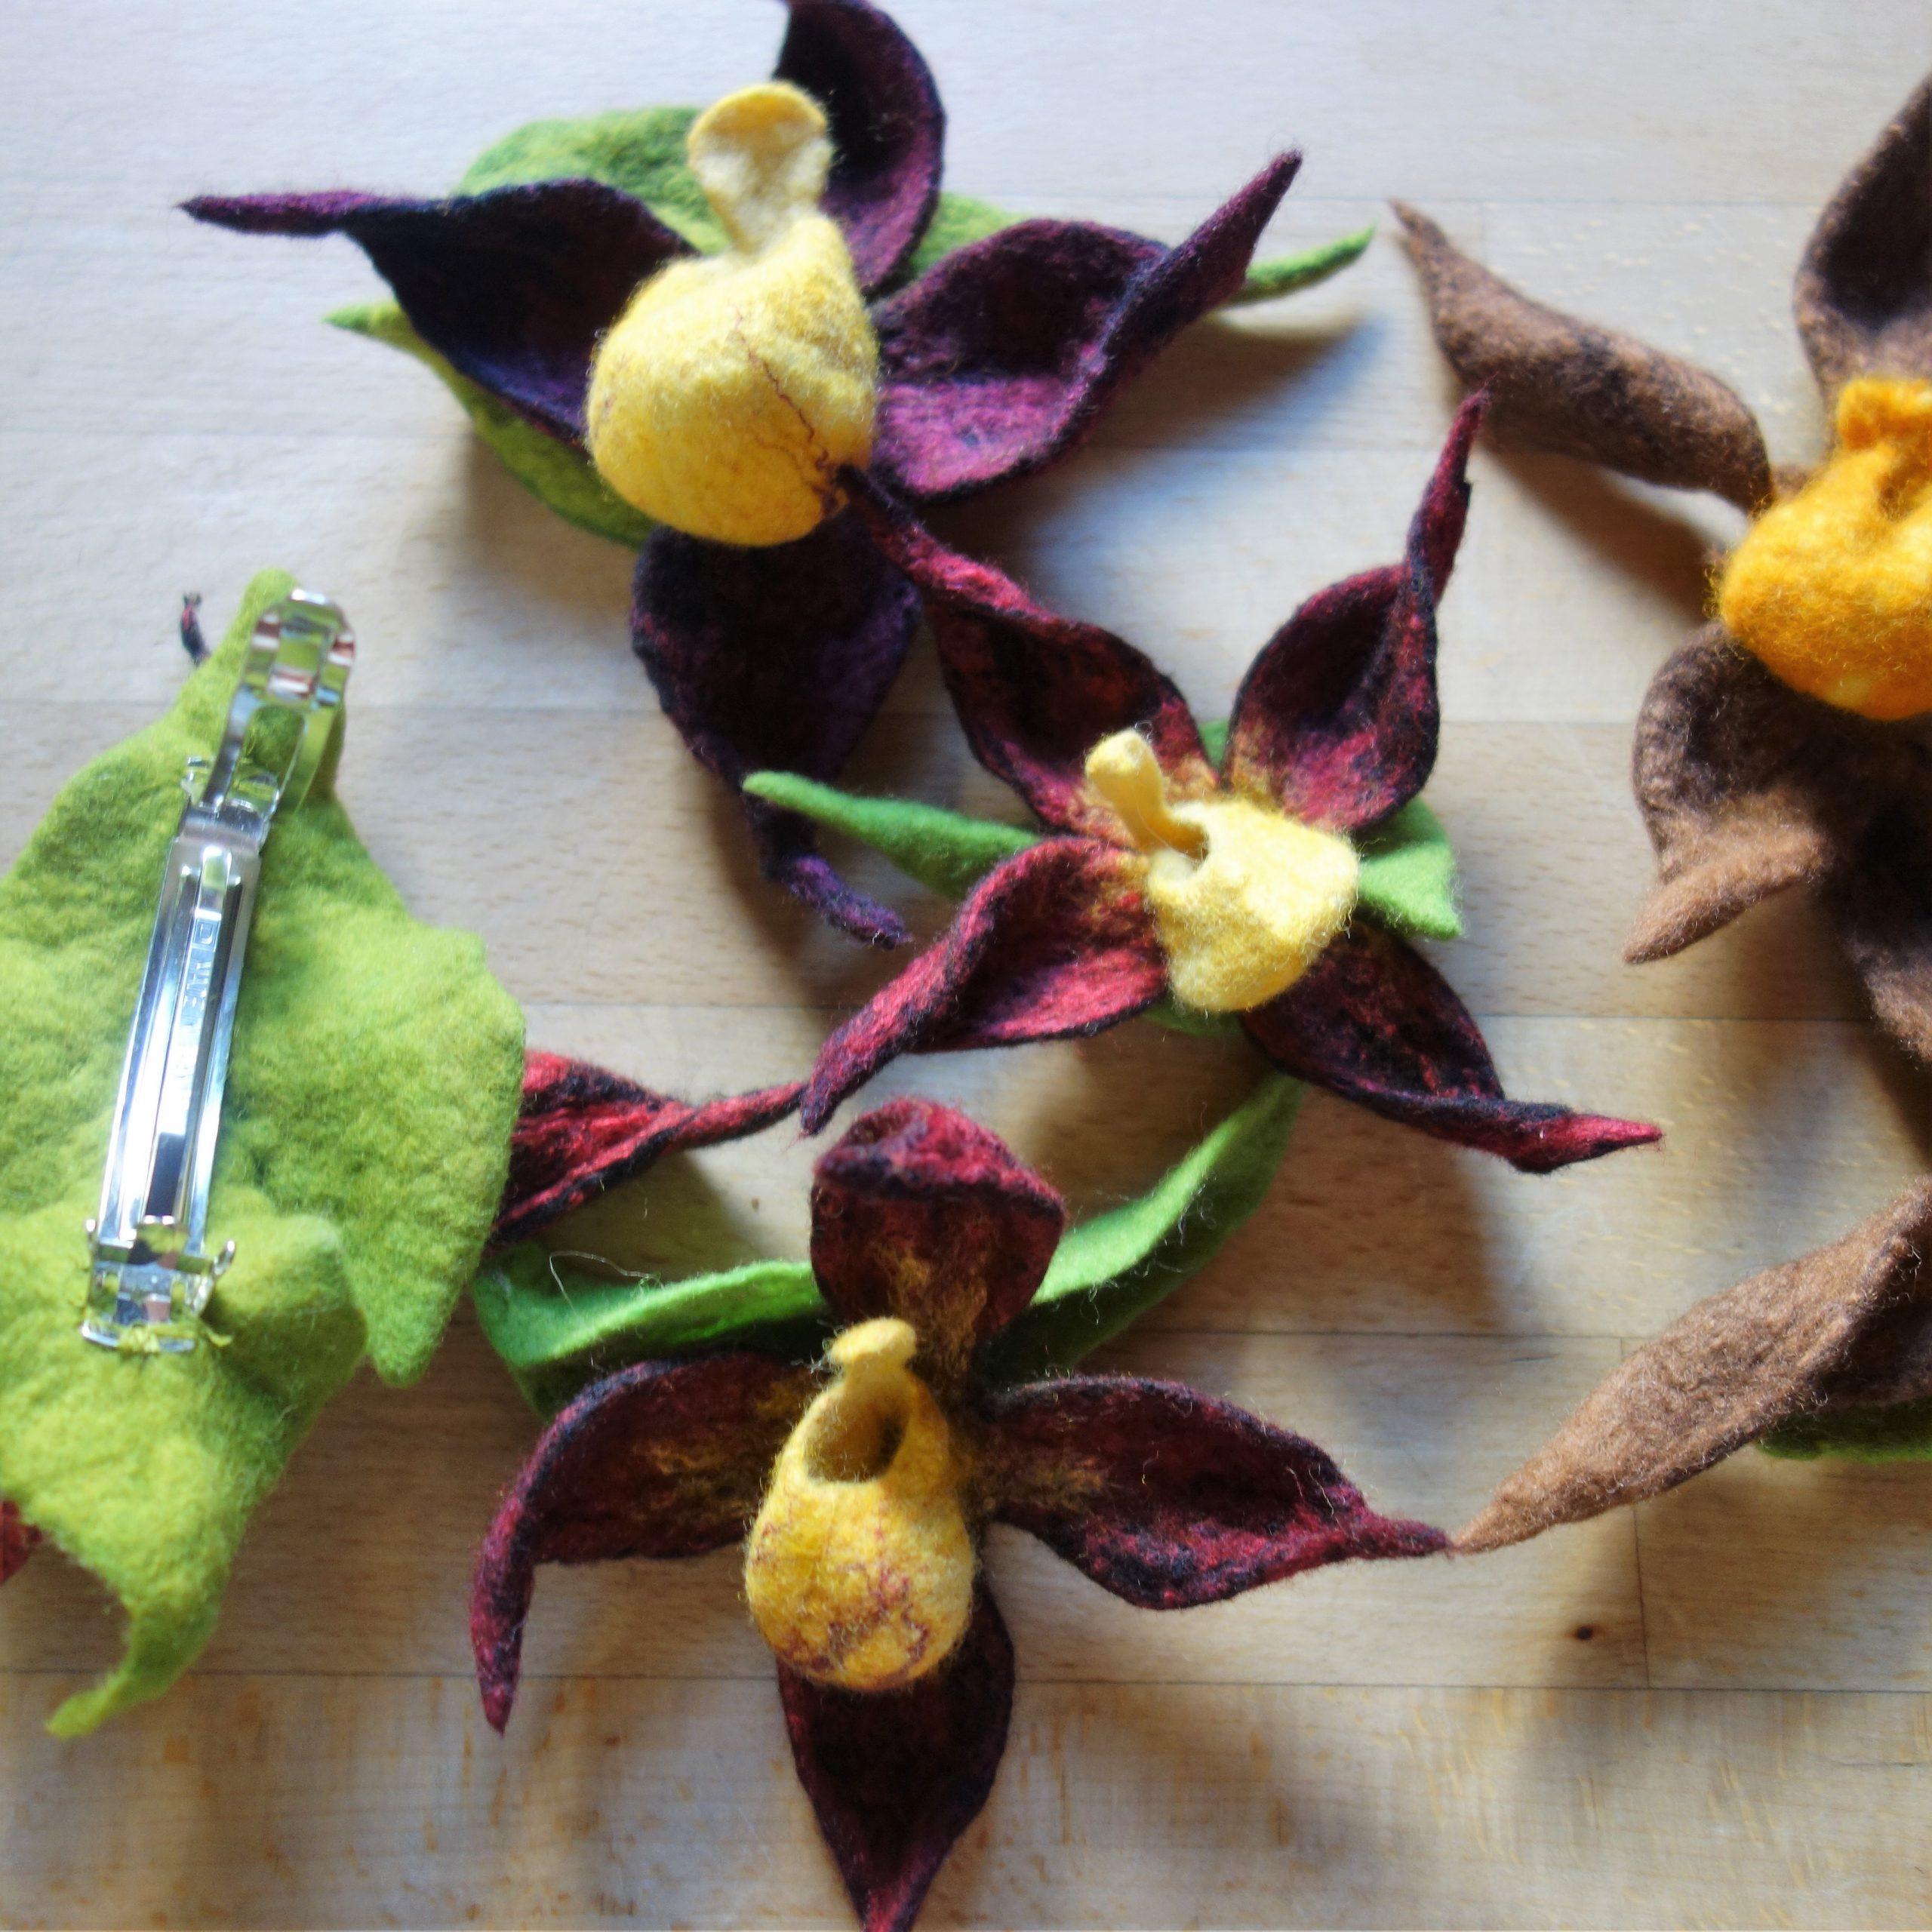 Orchideen und andere Blüten